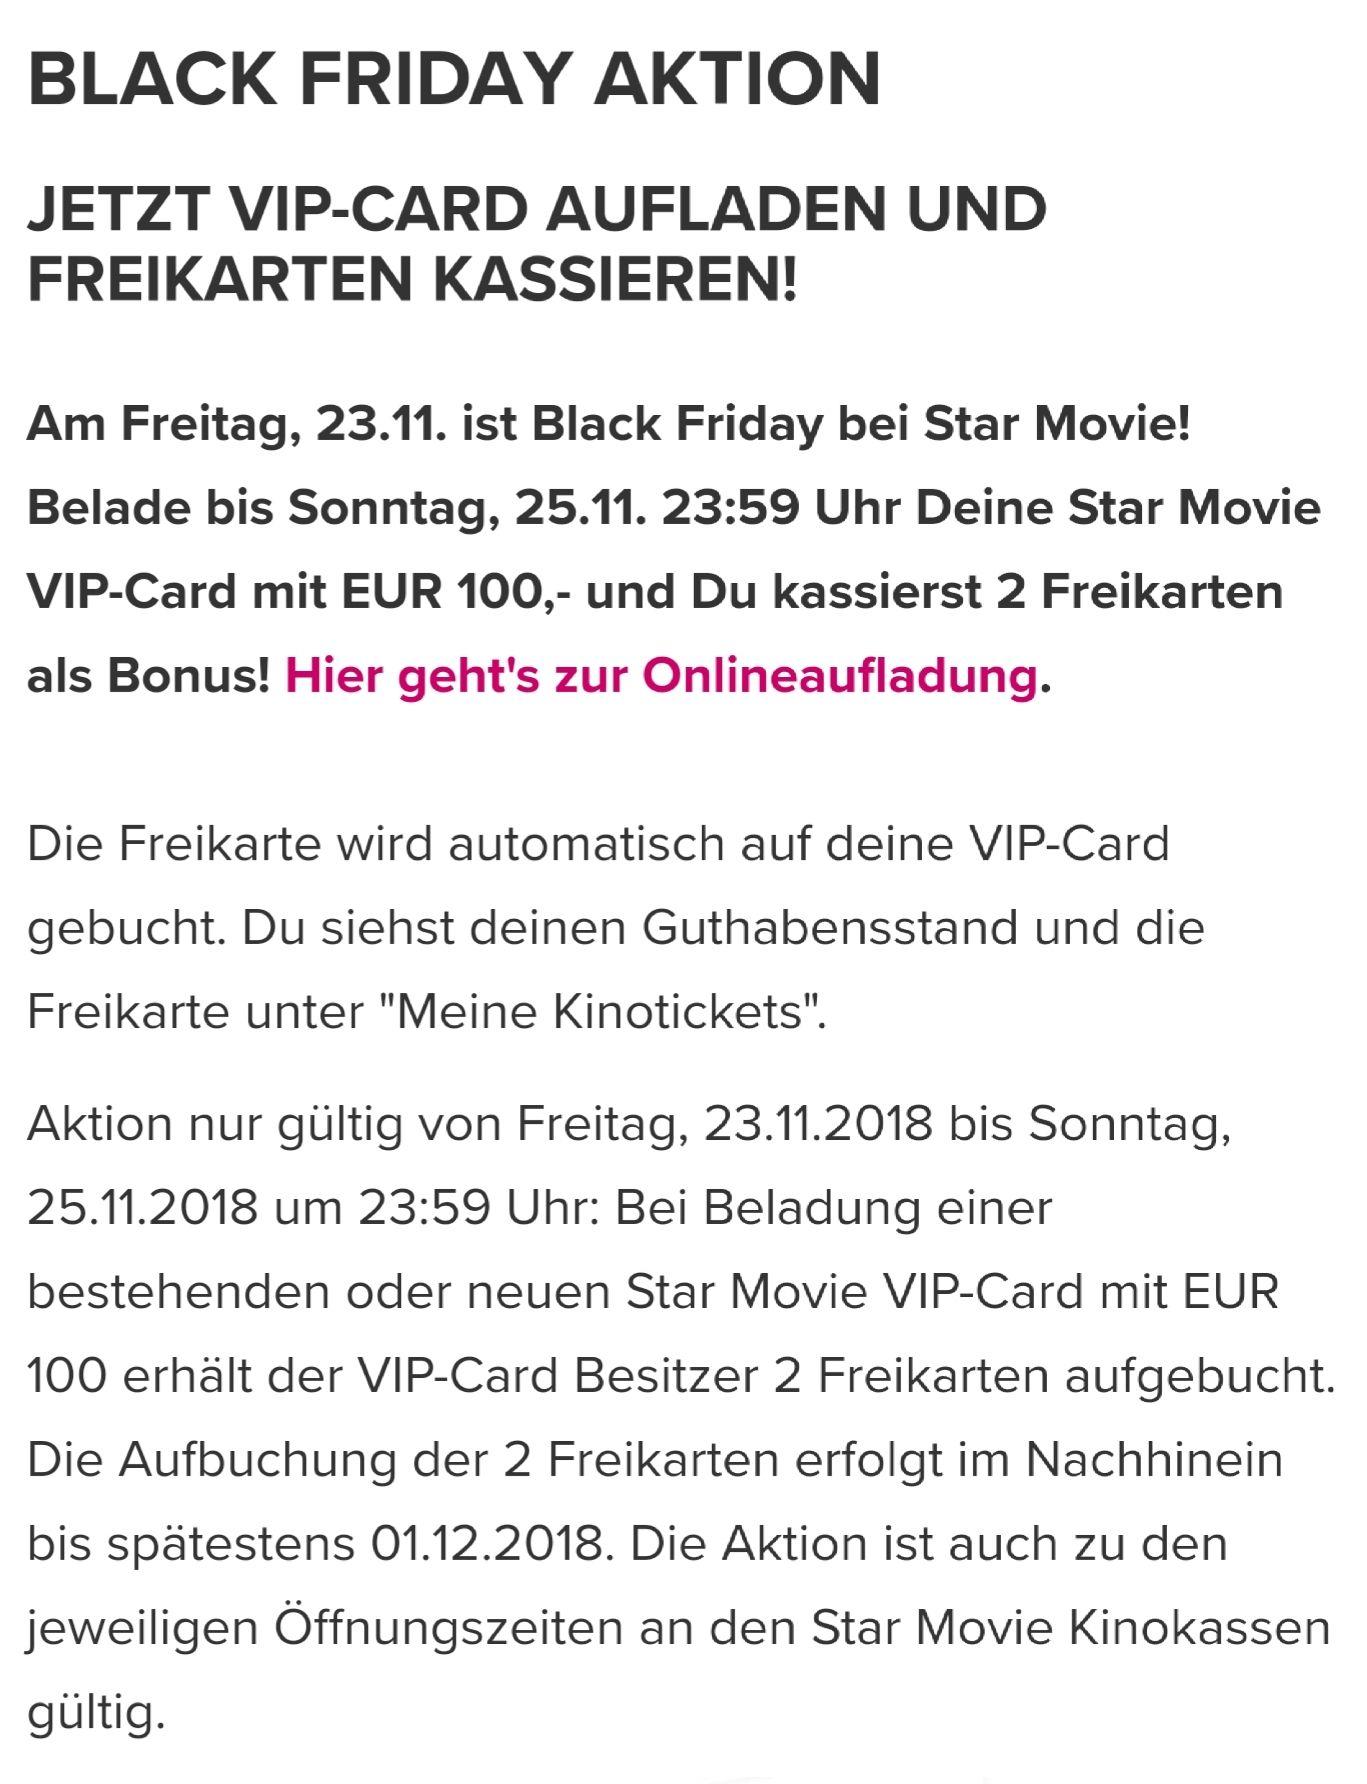 STARMOVIE: 2 Freikarten bei €100,- Aufladung